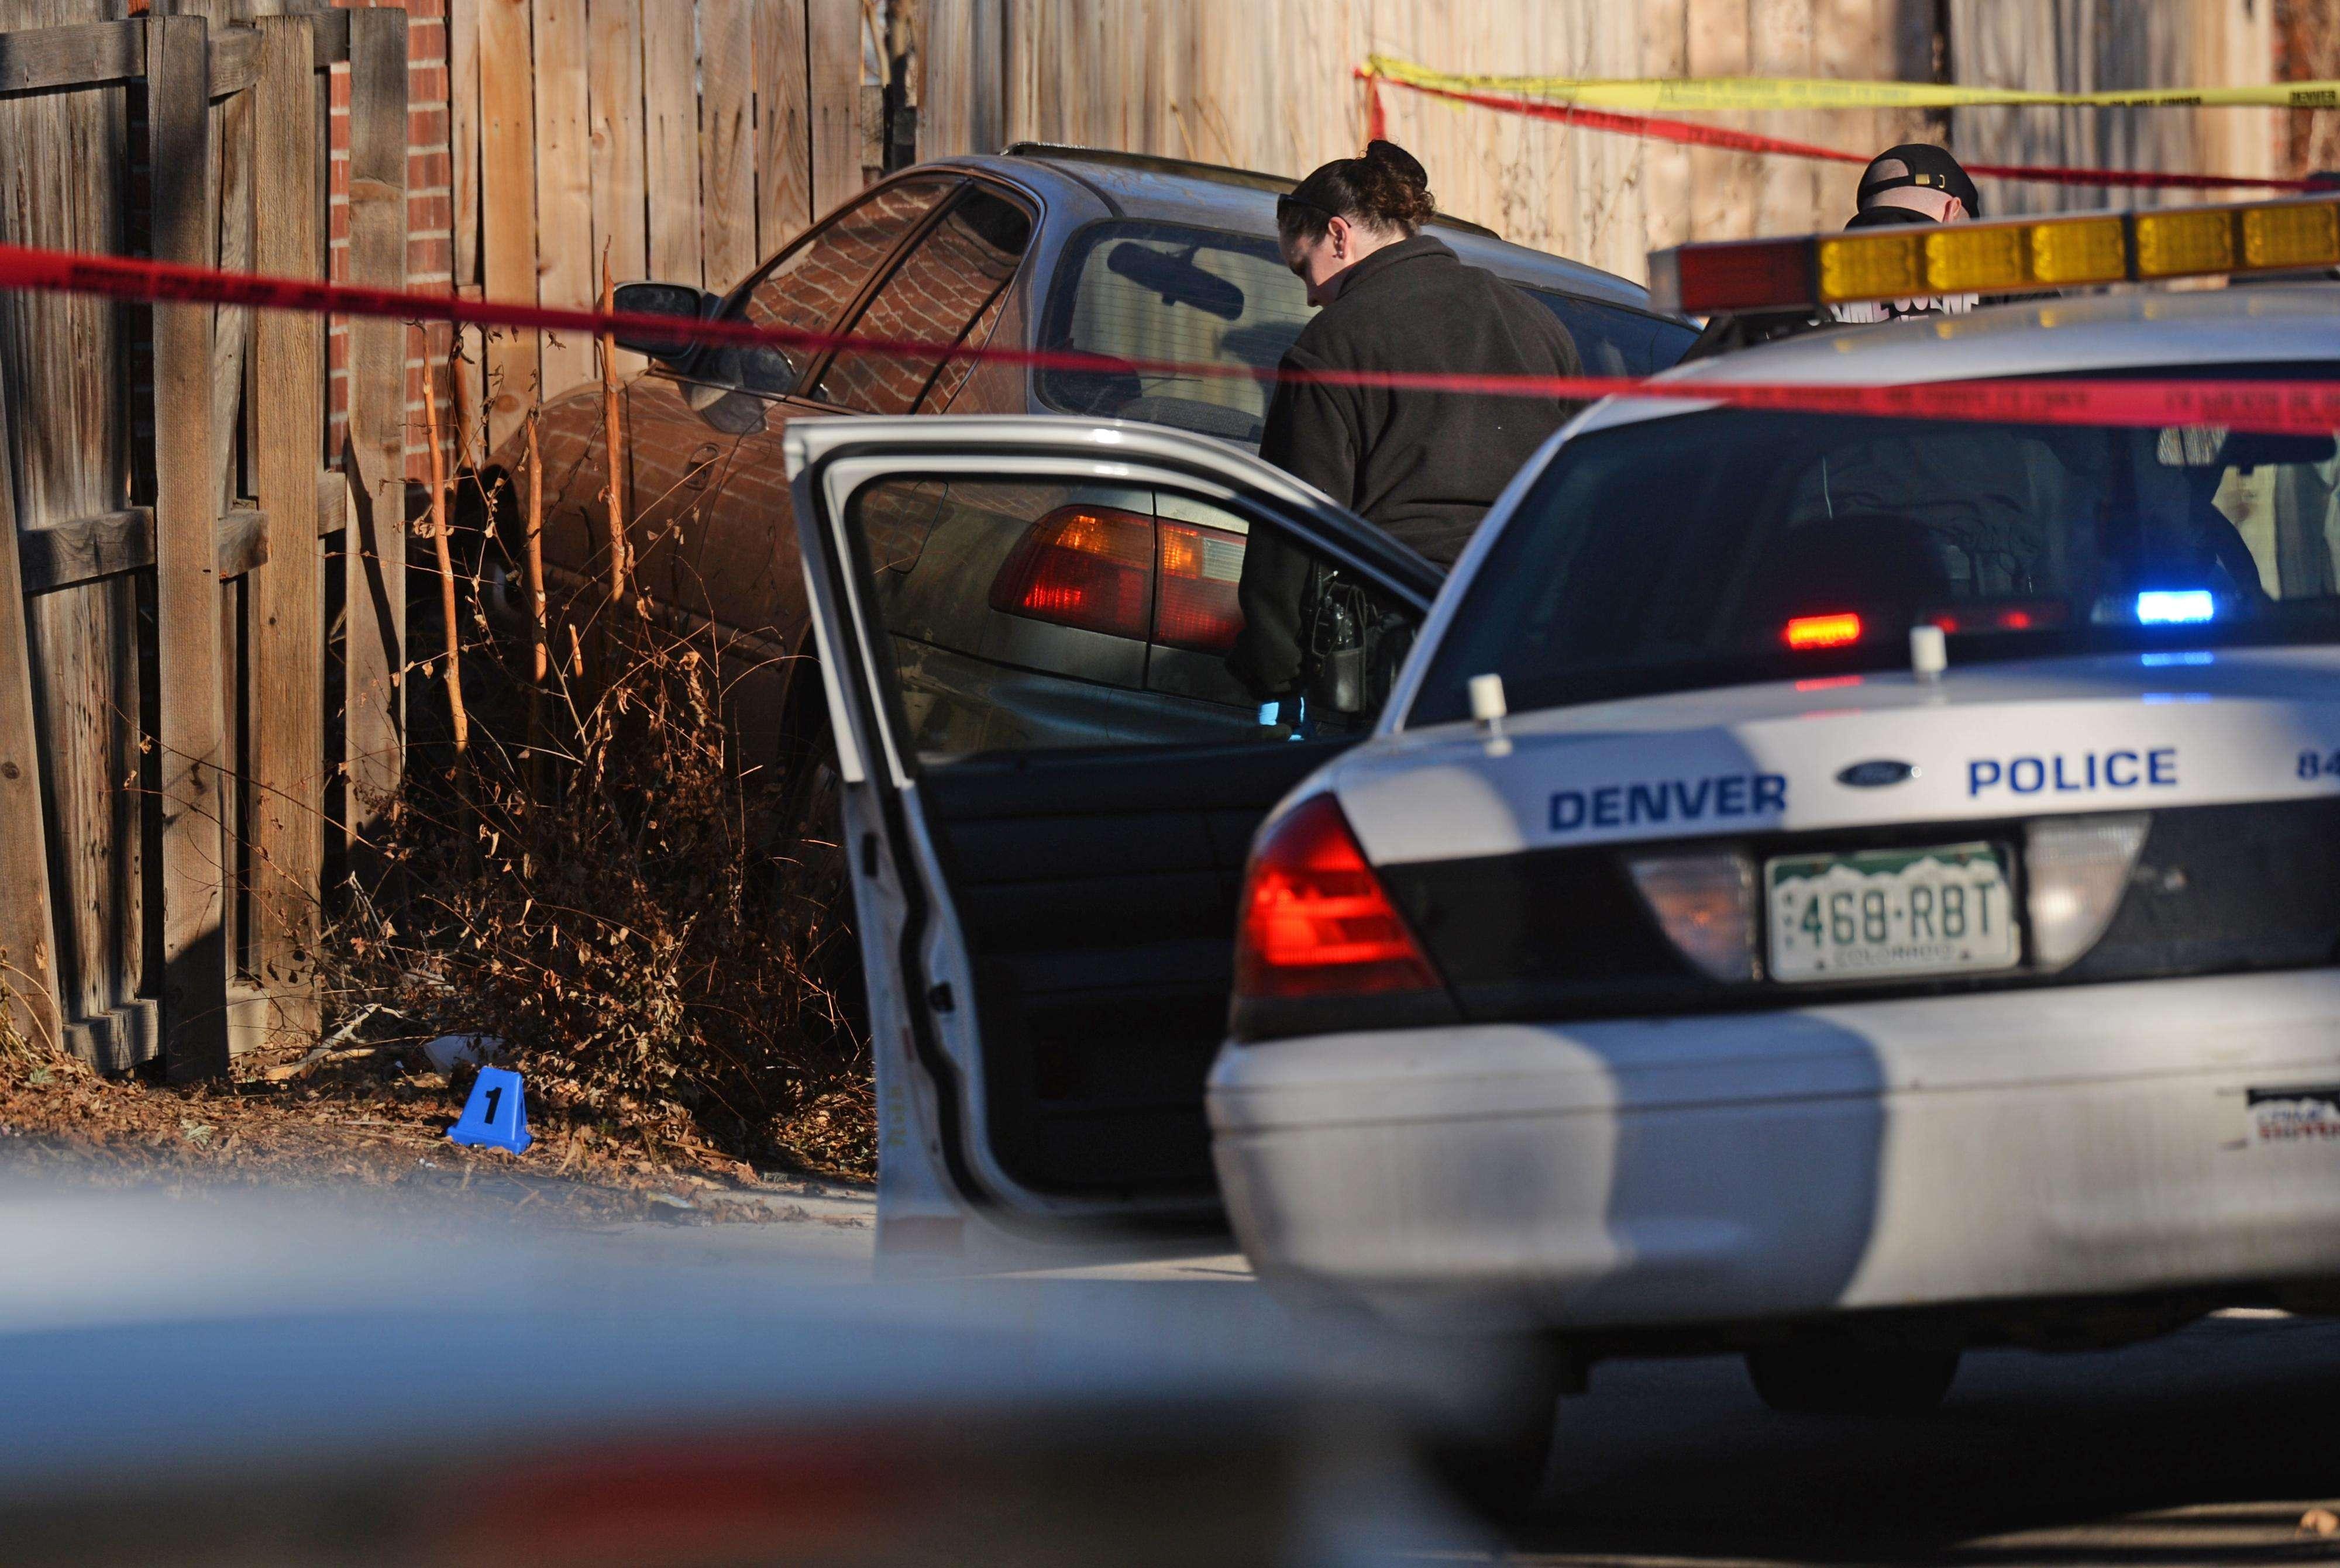 Lugar de la escena del fatal suceso registrado Foto: AP en español